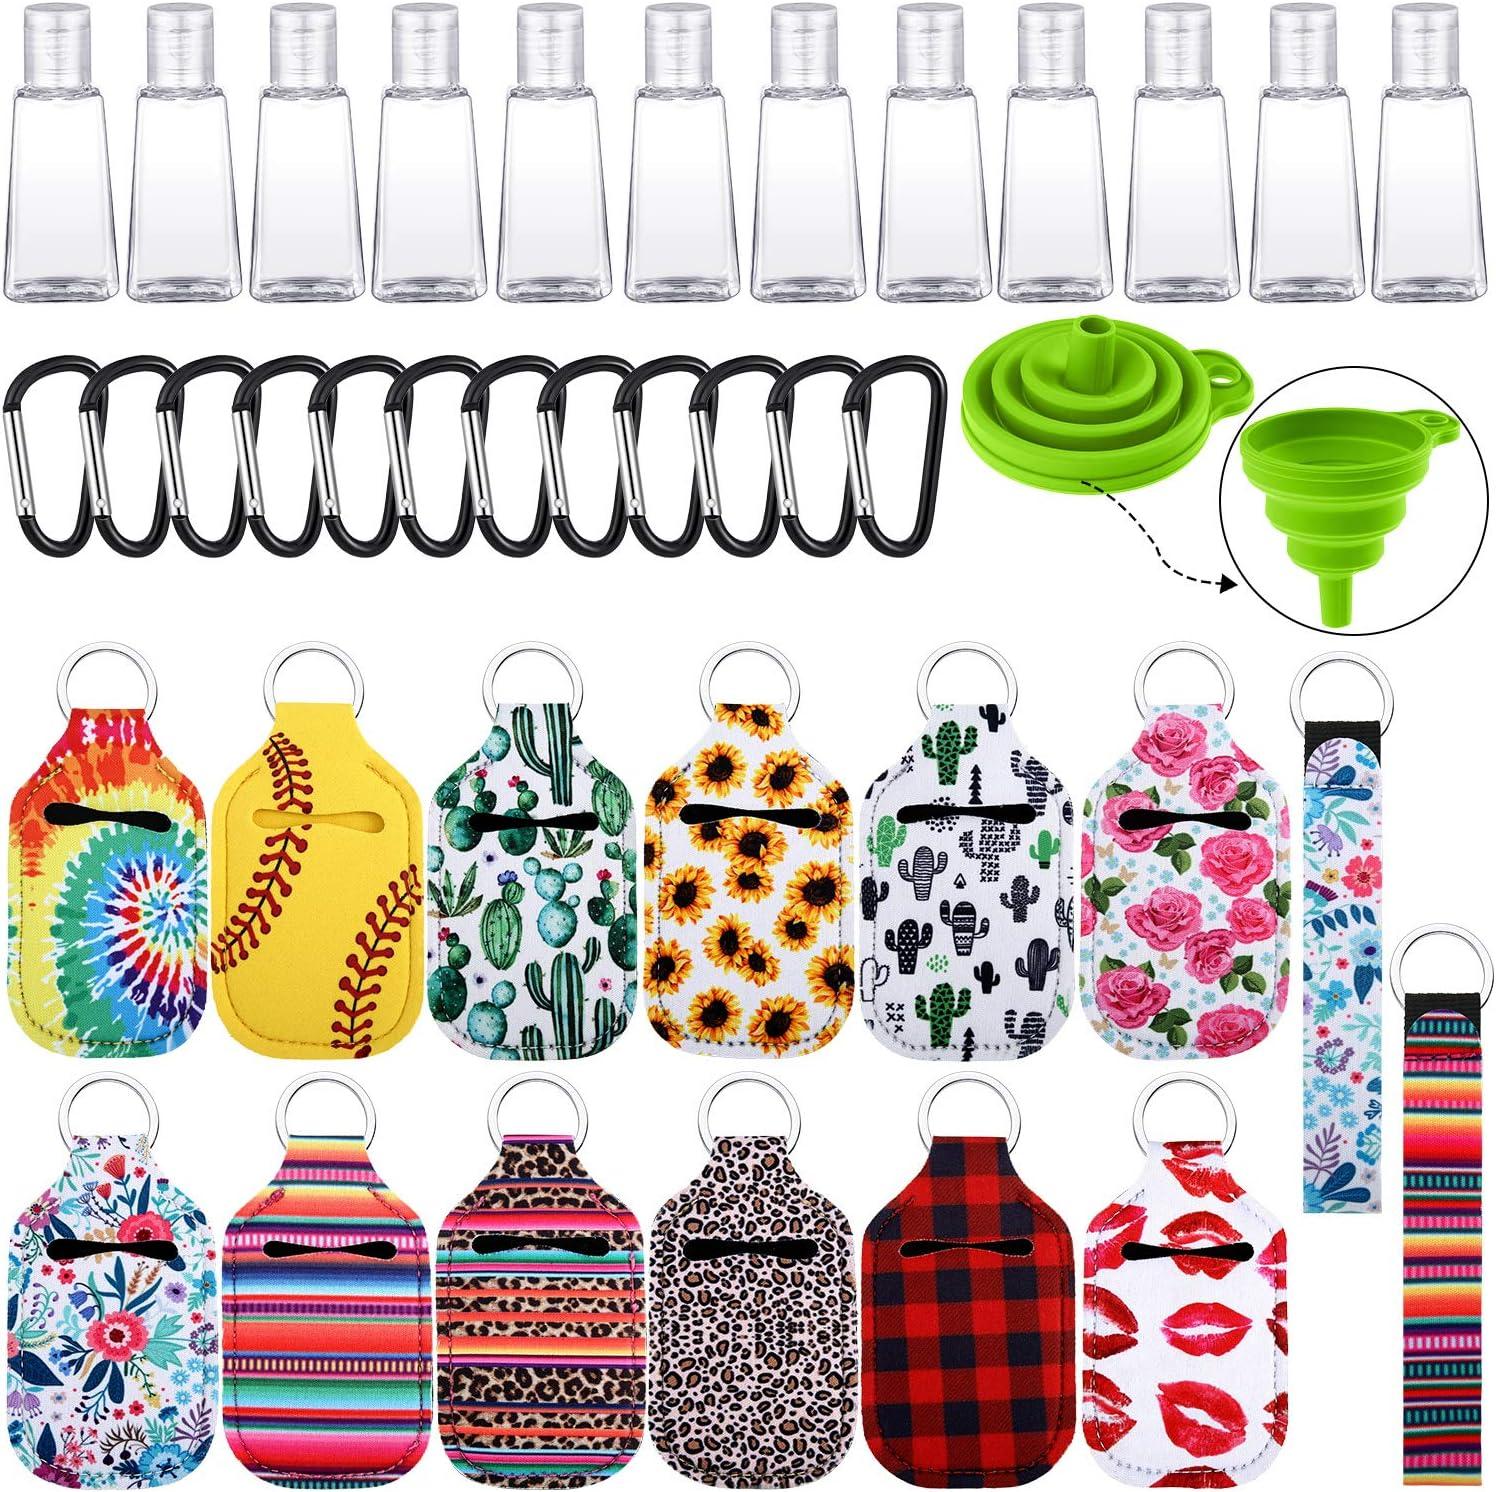 12 Botellas Rellenables de Tapa Abatible de 30 ml 2 Cord/ón de Pulsera y Embudo para L/íquidos Incluye 12 Fundas Llaveros de Botella Set de 39 Botellas de Llavero de Viaje Vac/ías 12 Clip de Llavero